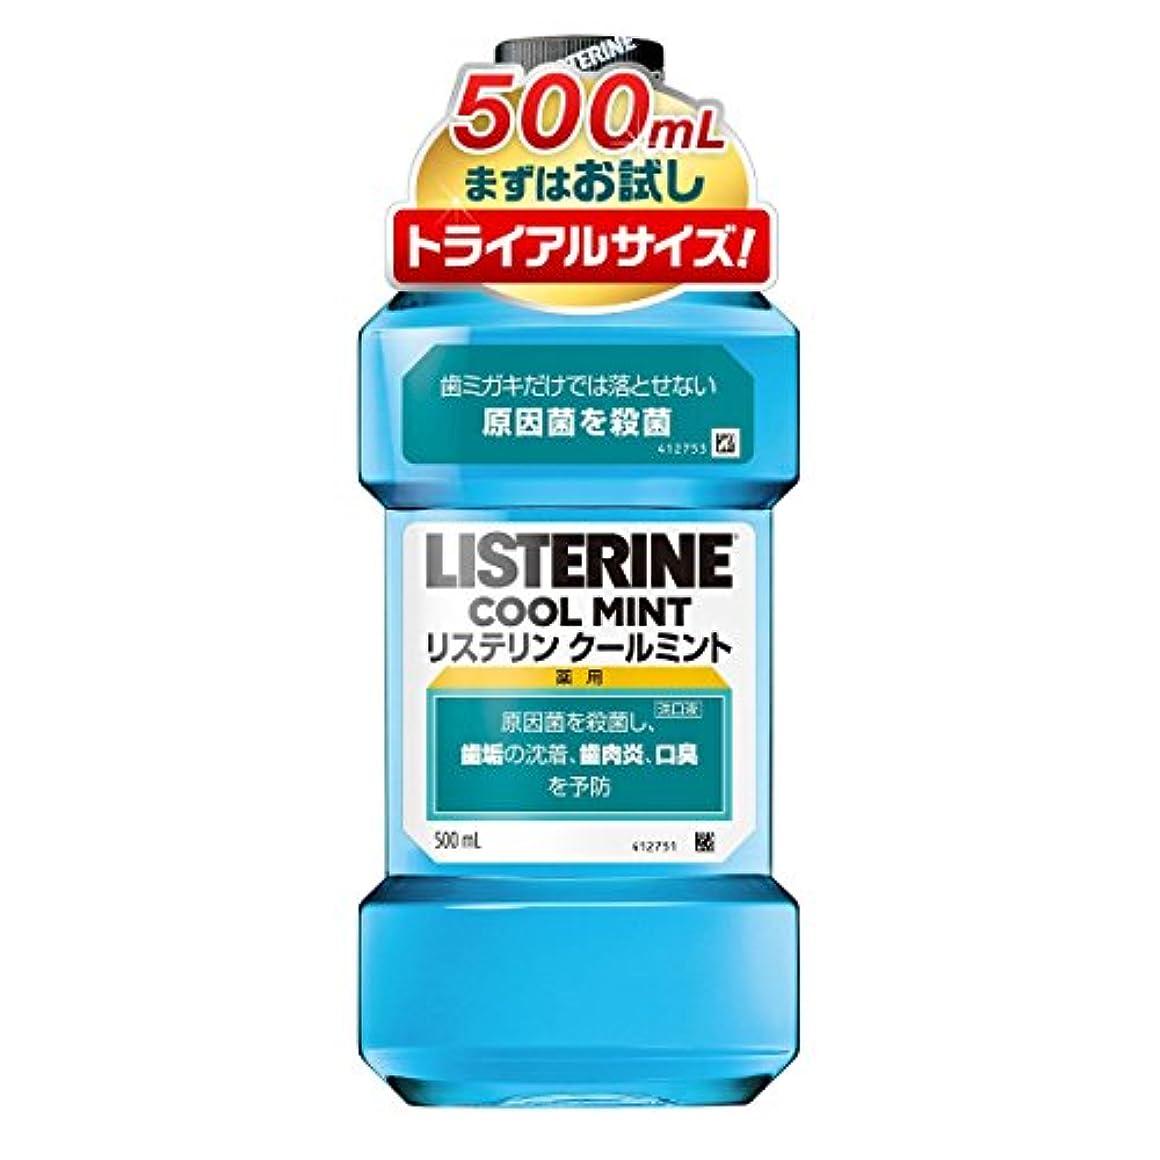 レースロマンス護衛薬用 LISTERINE リステリン クールミント 500mL [医薬部外品]